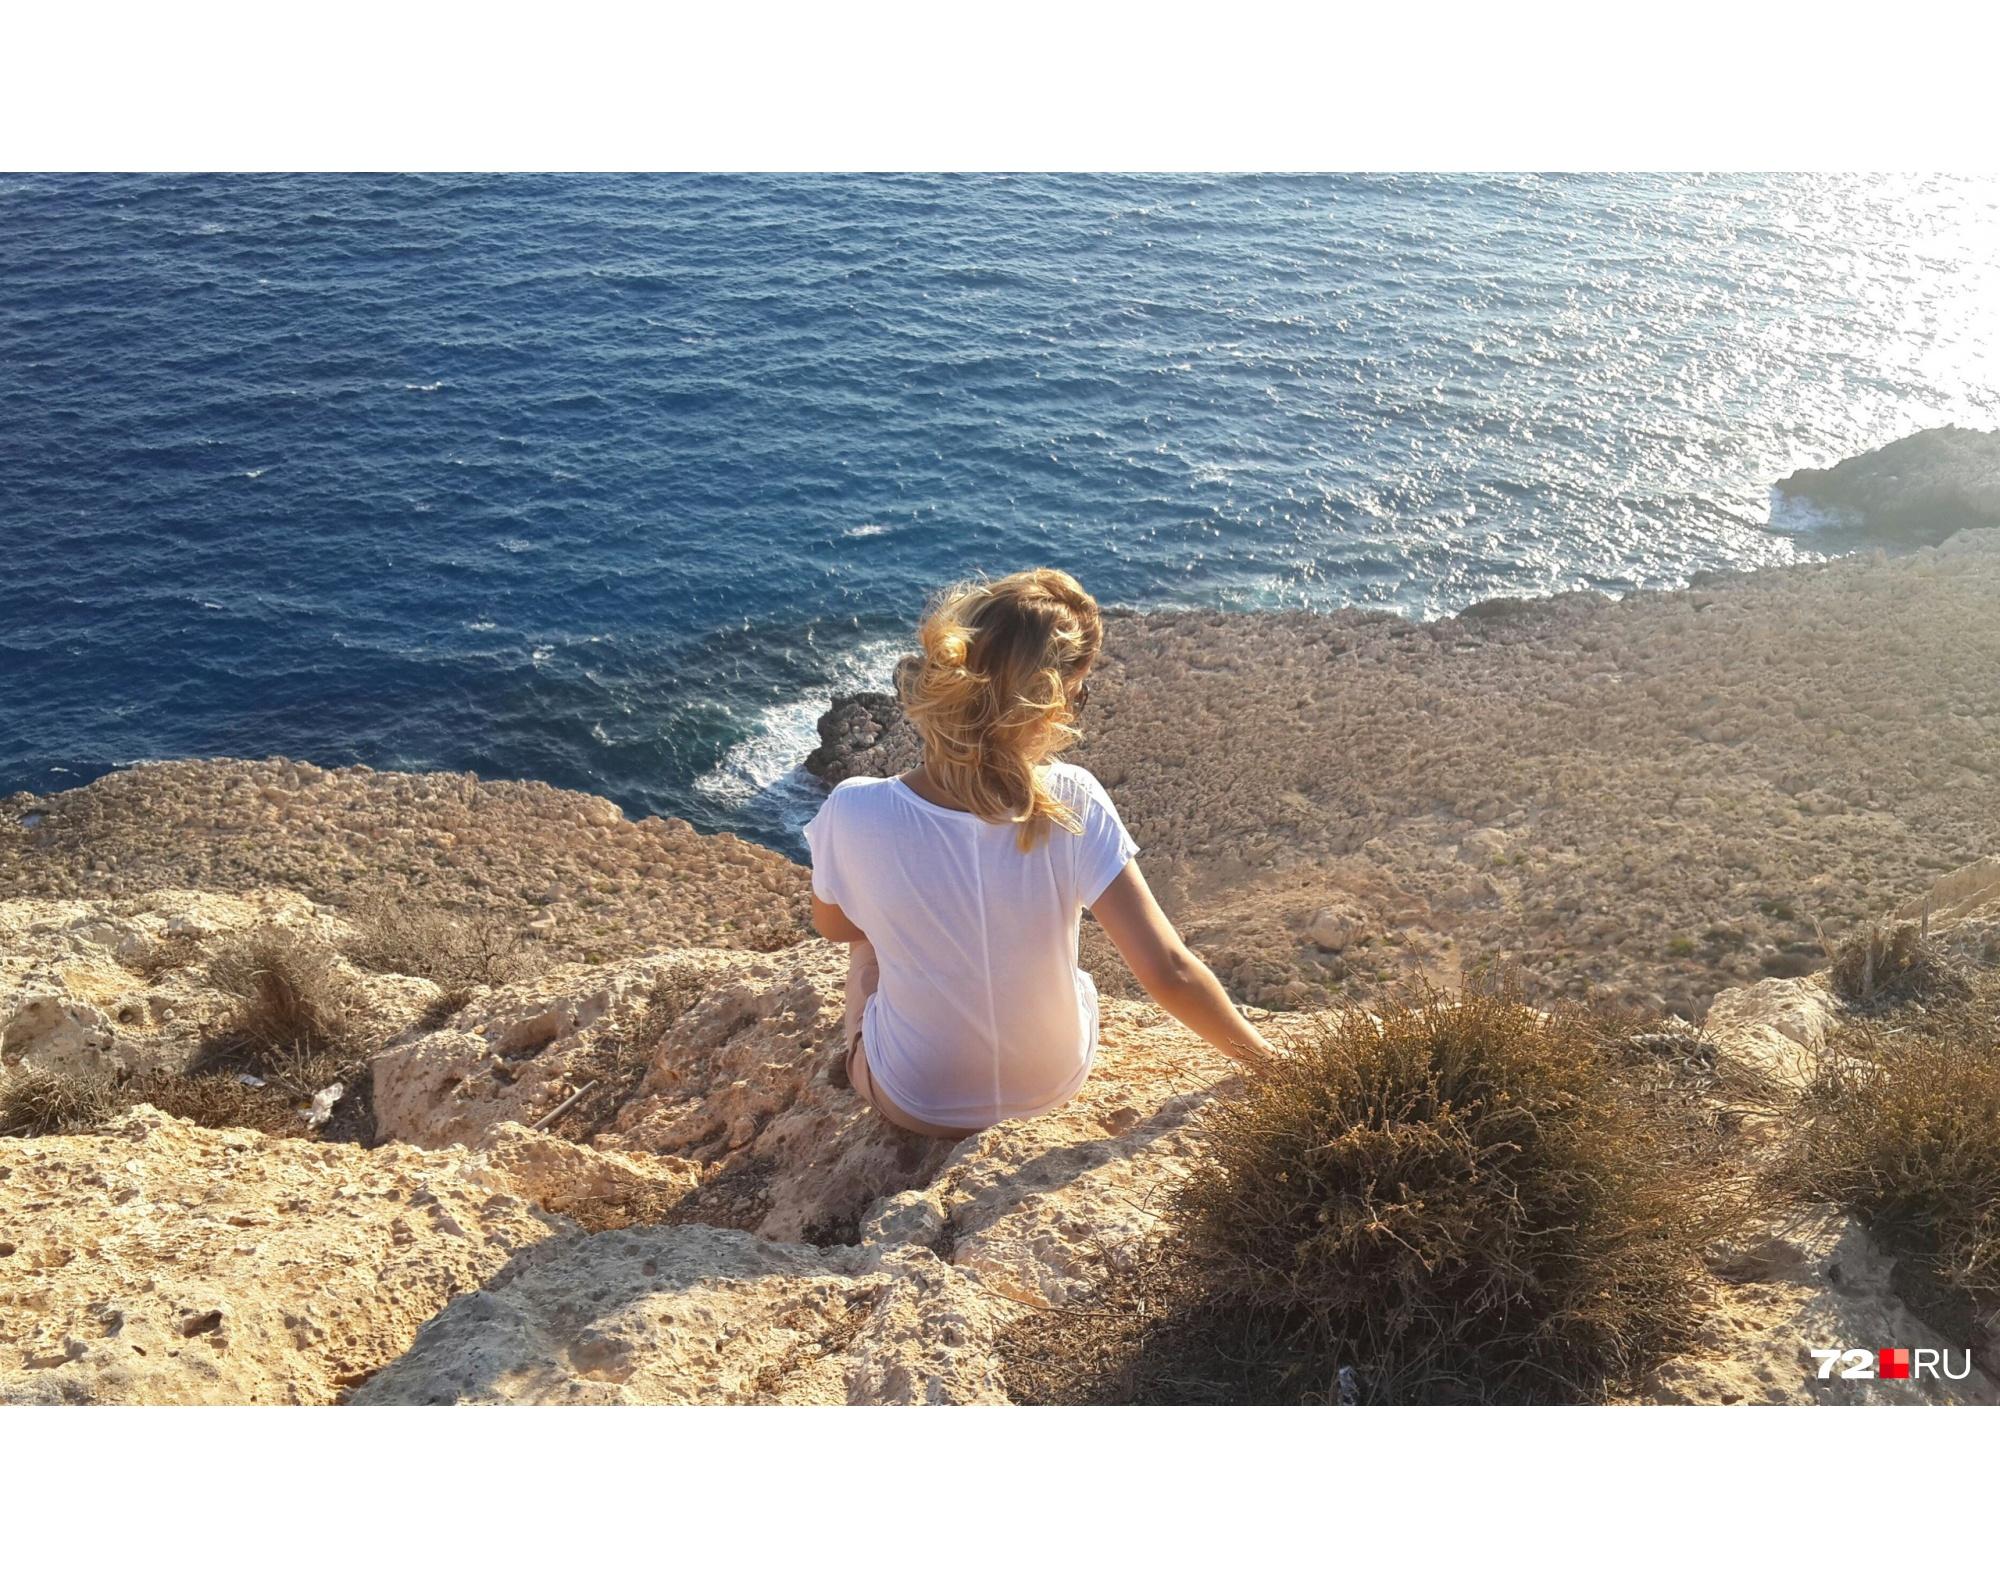 Передвижение по Кипру на машине удобно ещё и тем, что вы можете легко добраться до нужного пляжа и запросто сгонять в соседние города и поселки